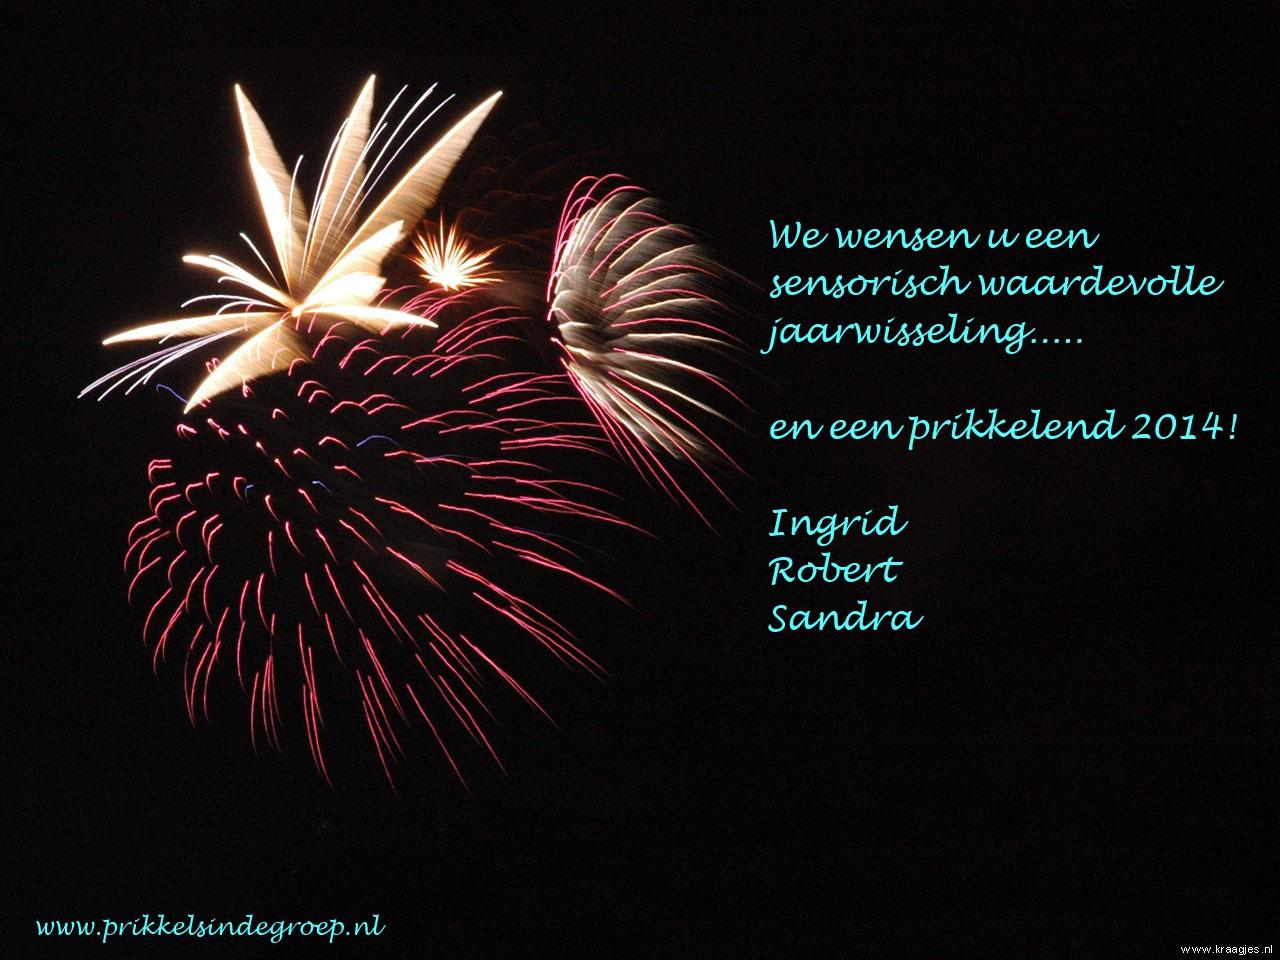 De beste wensen 2014